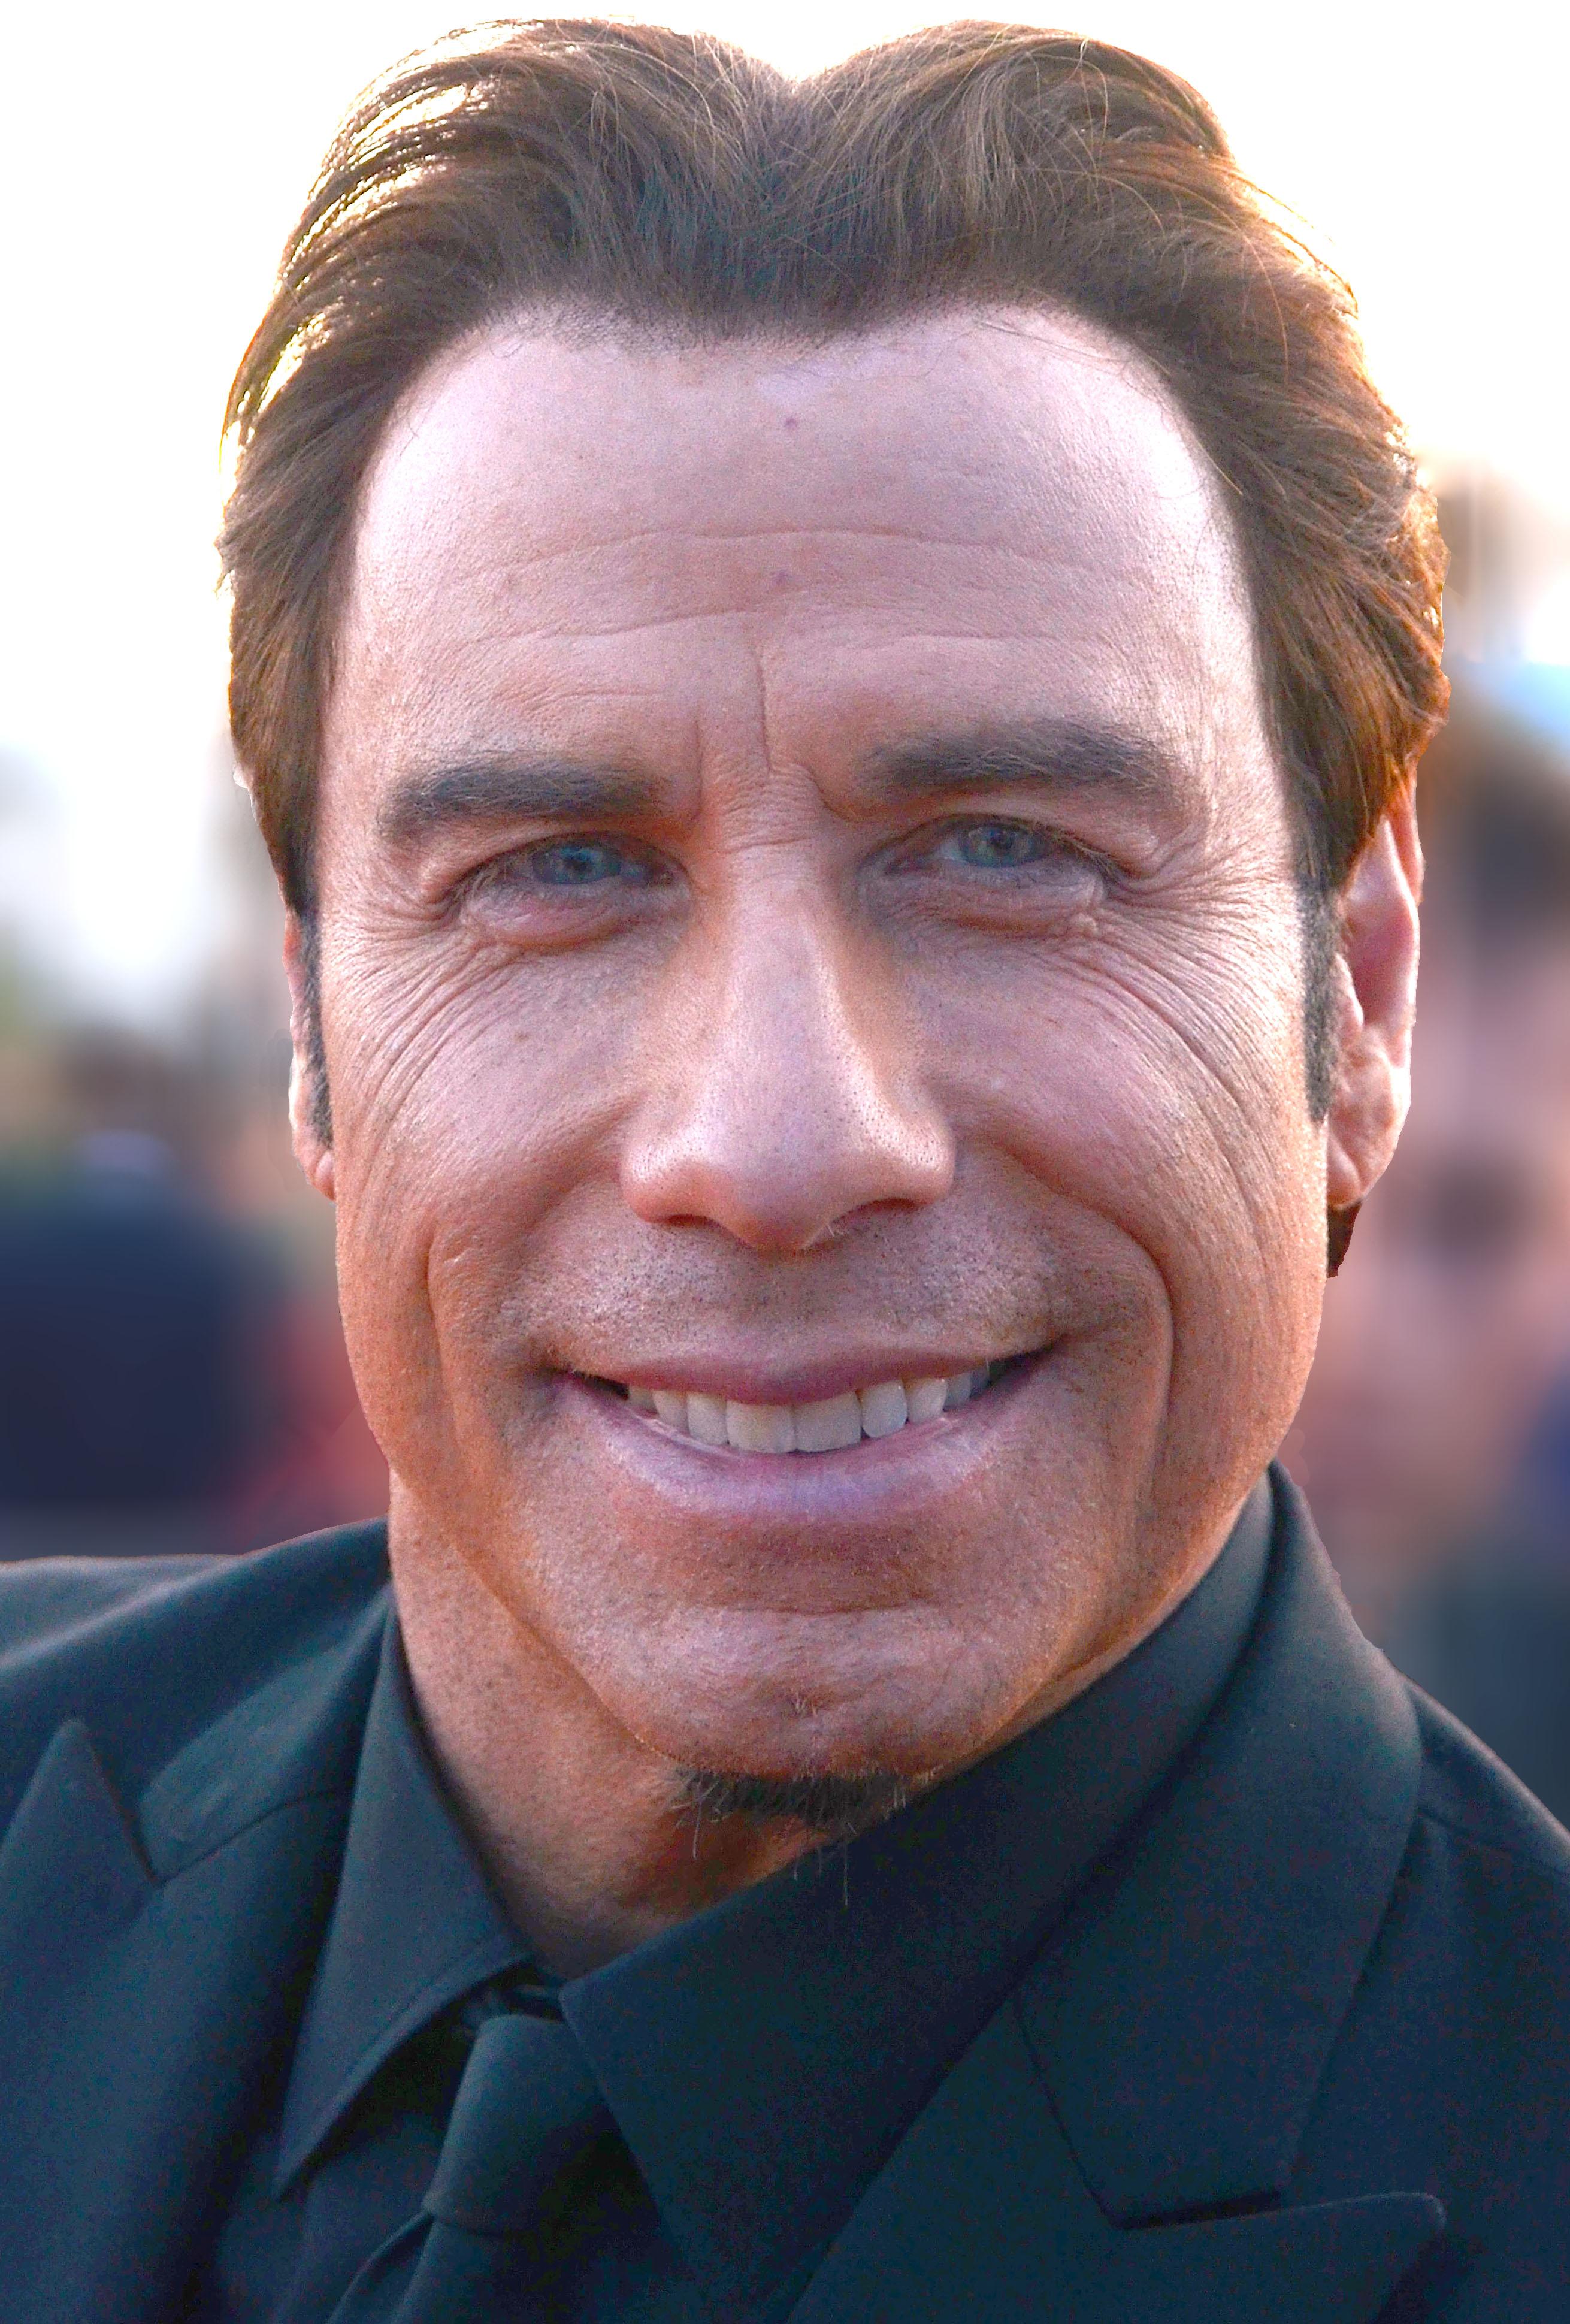 John Travolta File John Travolta deauville